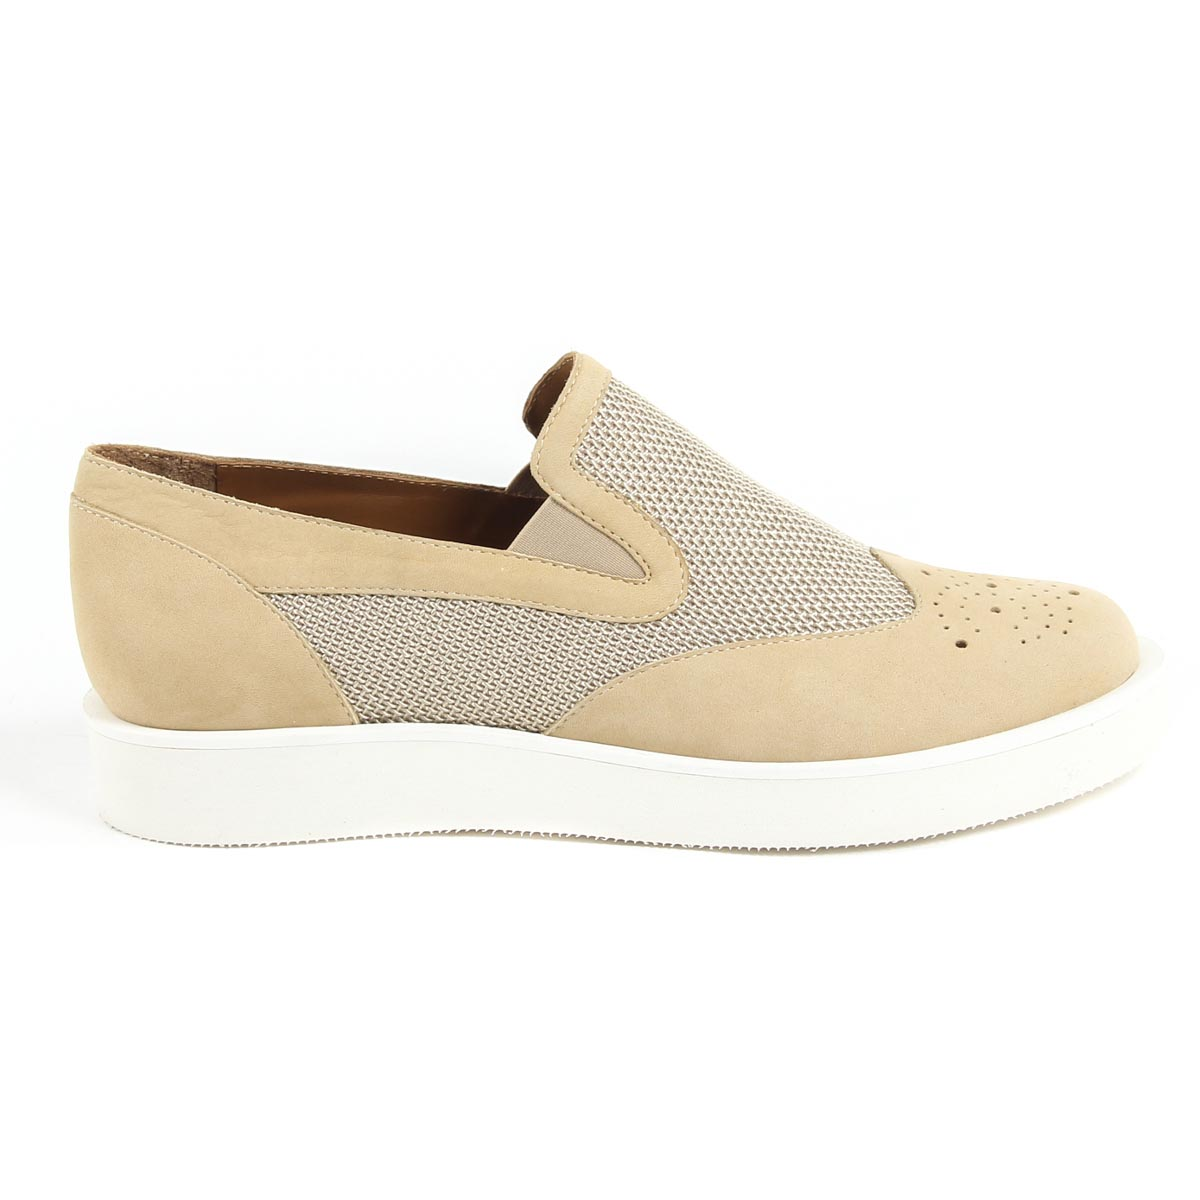 fed6894a528 V 1969 Italia Womens Slip On Sneaker 302126 NABUK YOMO SAND ARG ...